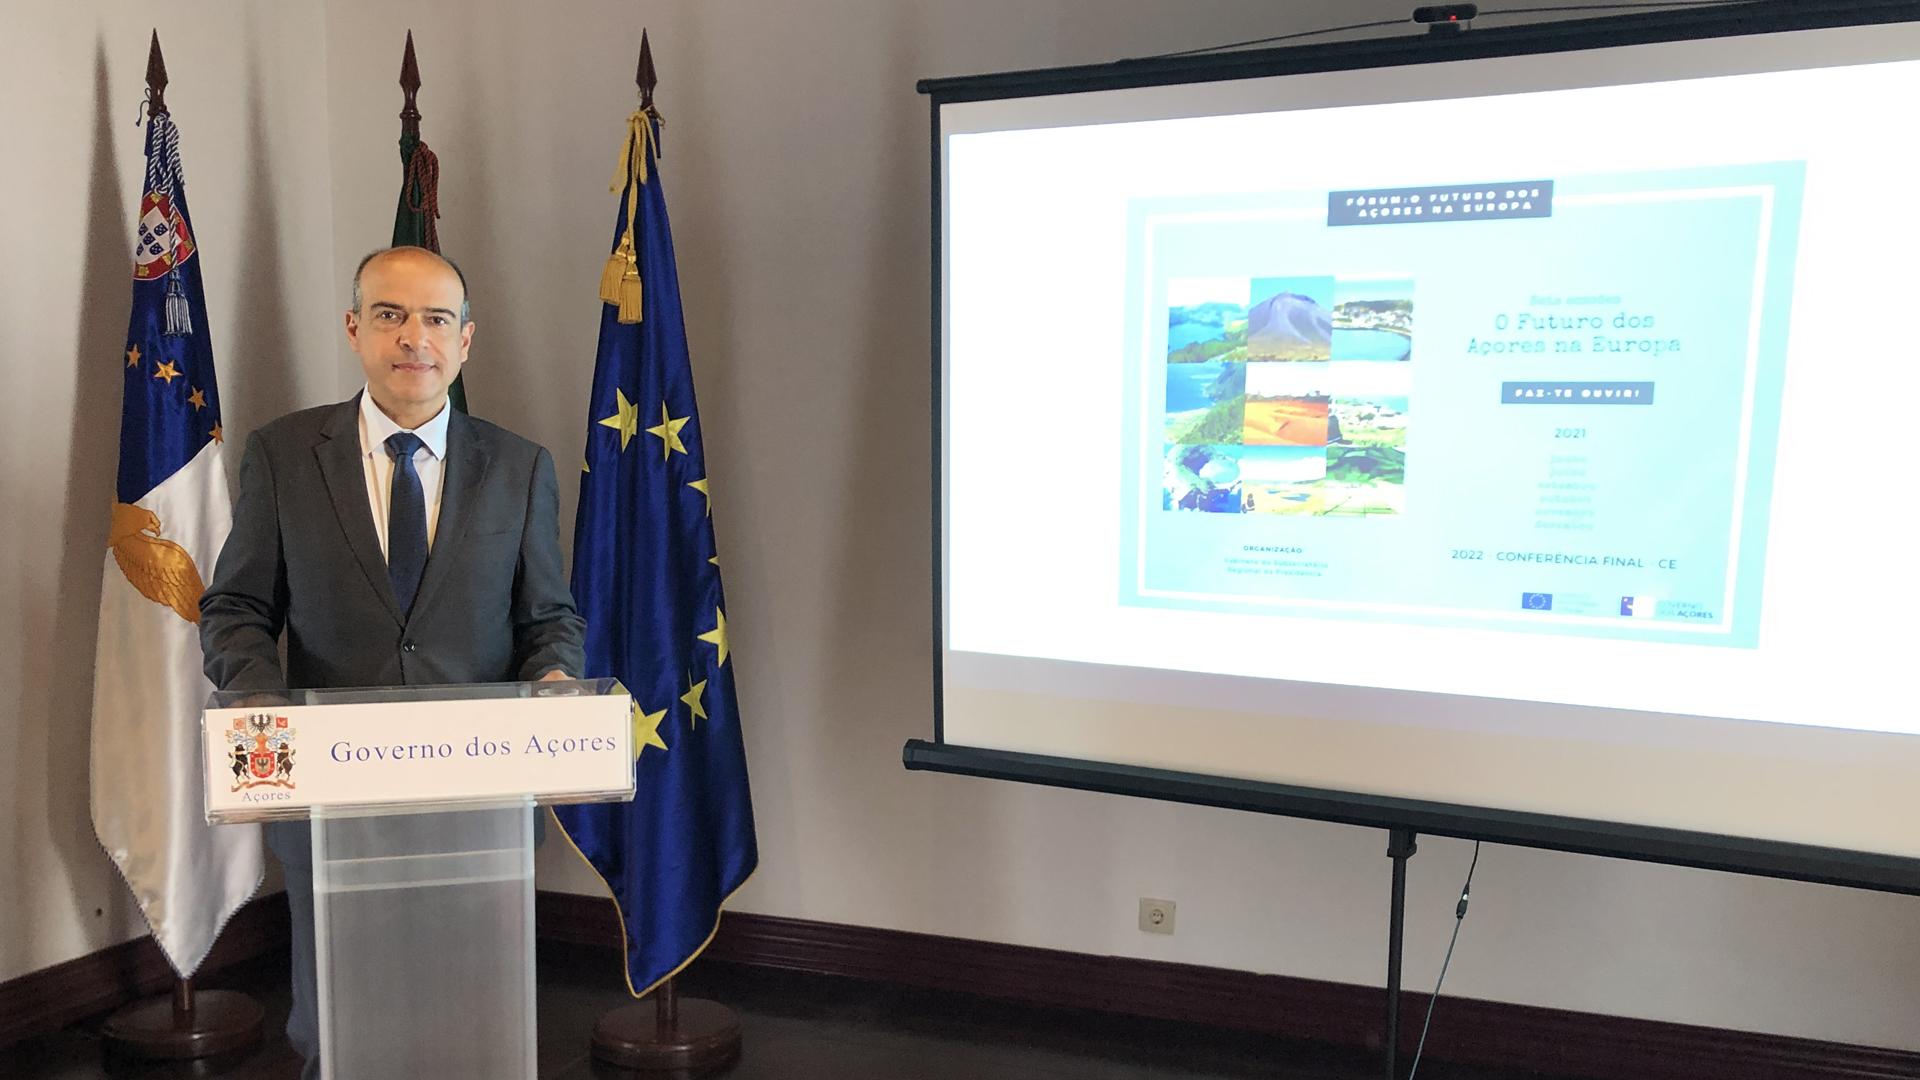 Conferência de imprensa para apresentar o fórum 'O Futuro dos Açores na Europa - Turismo Sustentável e Setores Transversais'